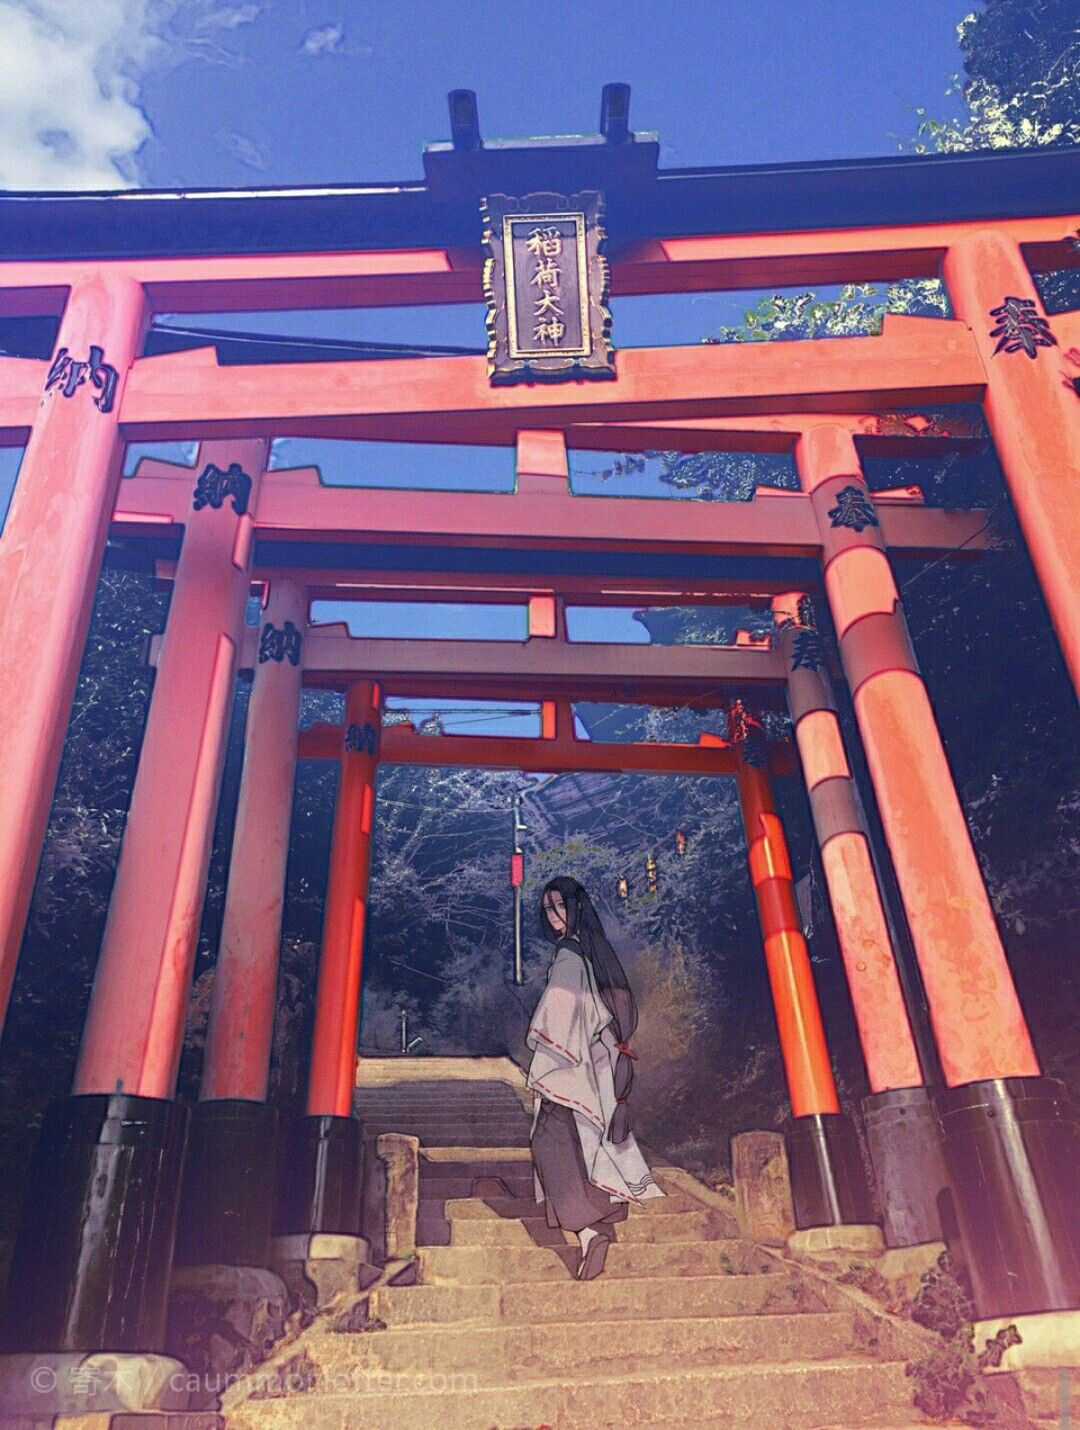 Susabi 神社 イラスト 鳥居 イラスト 幻想的なイラスト